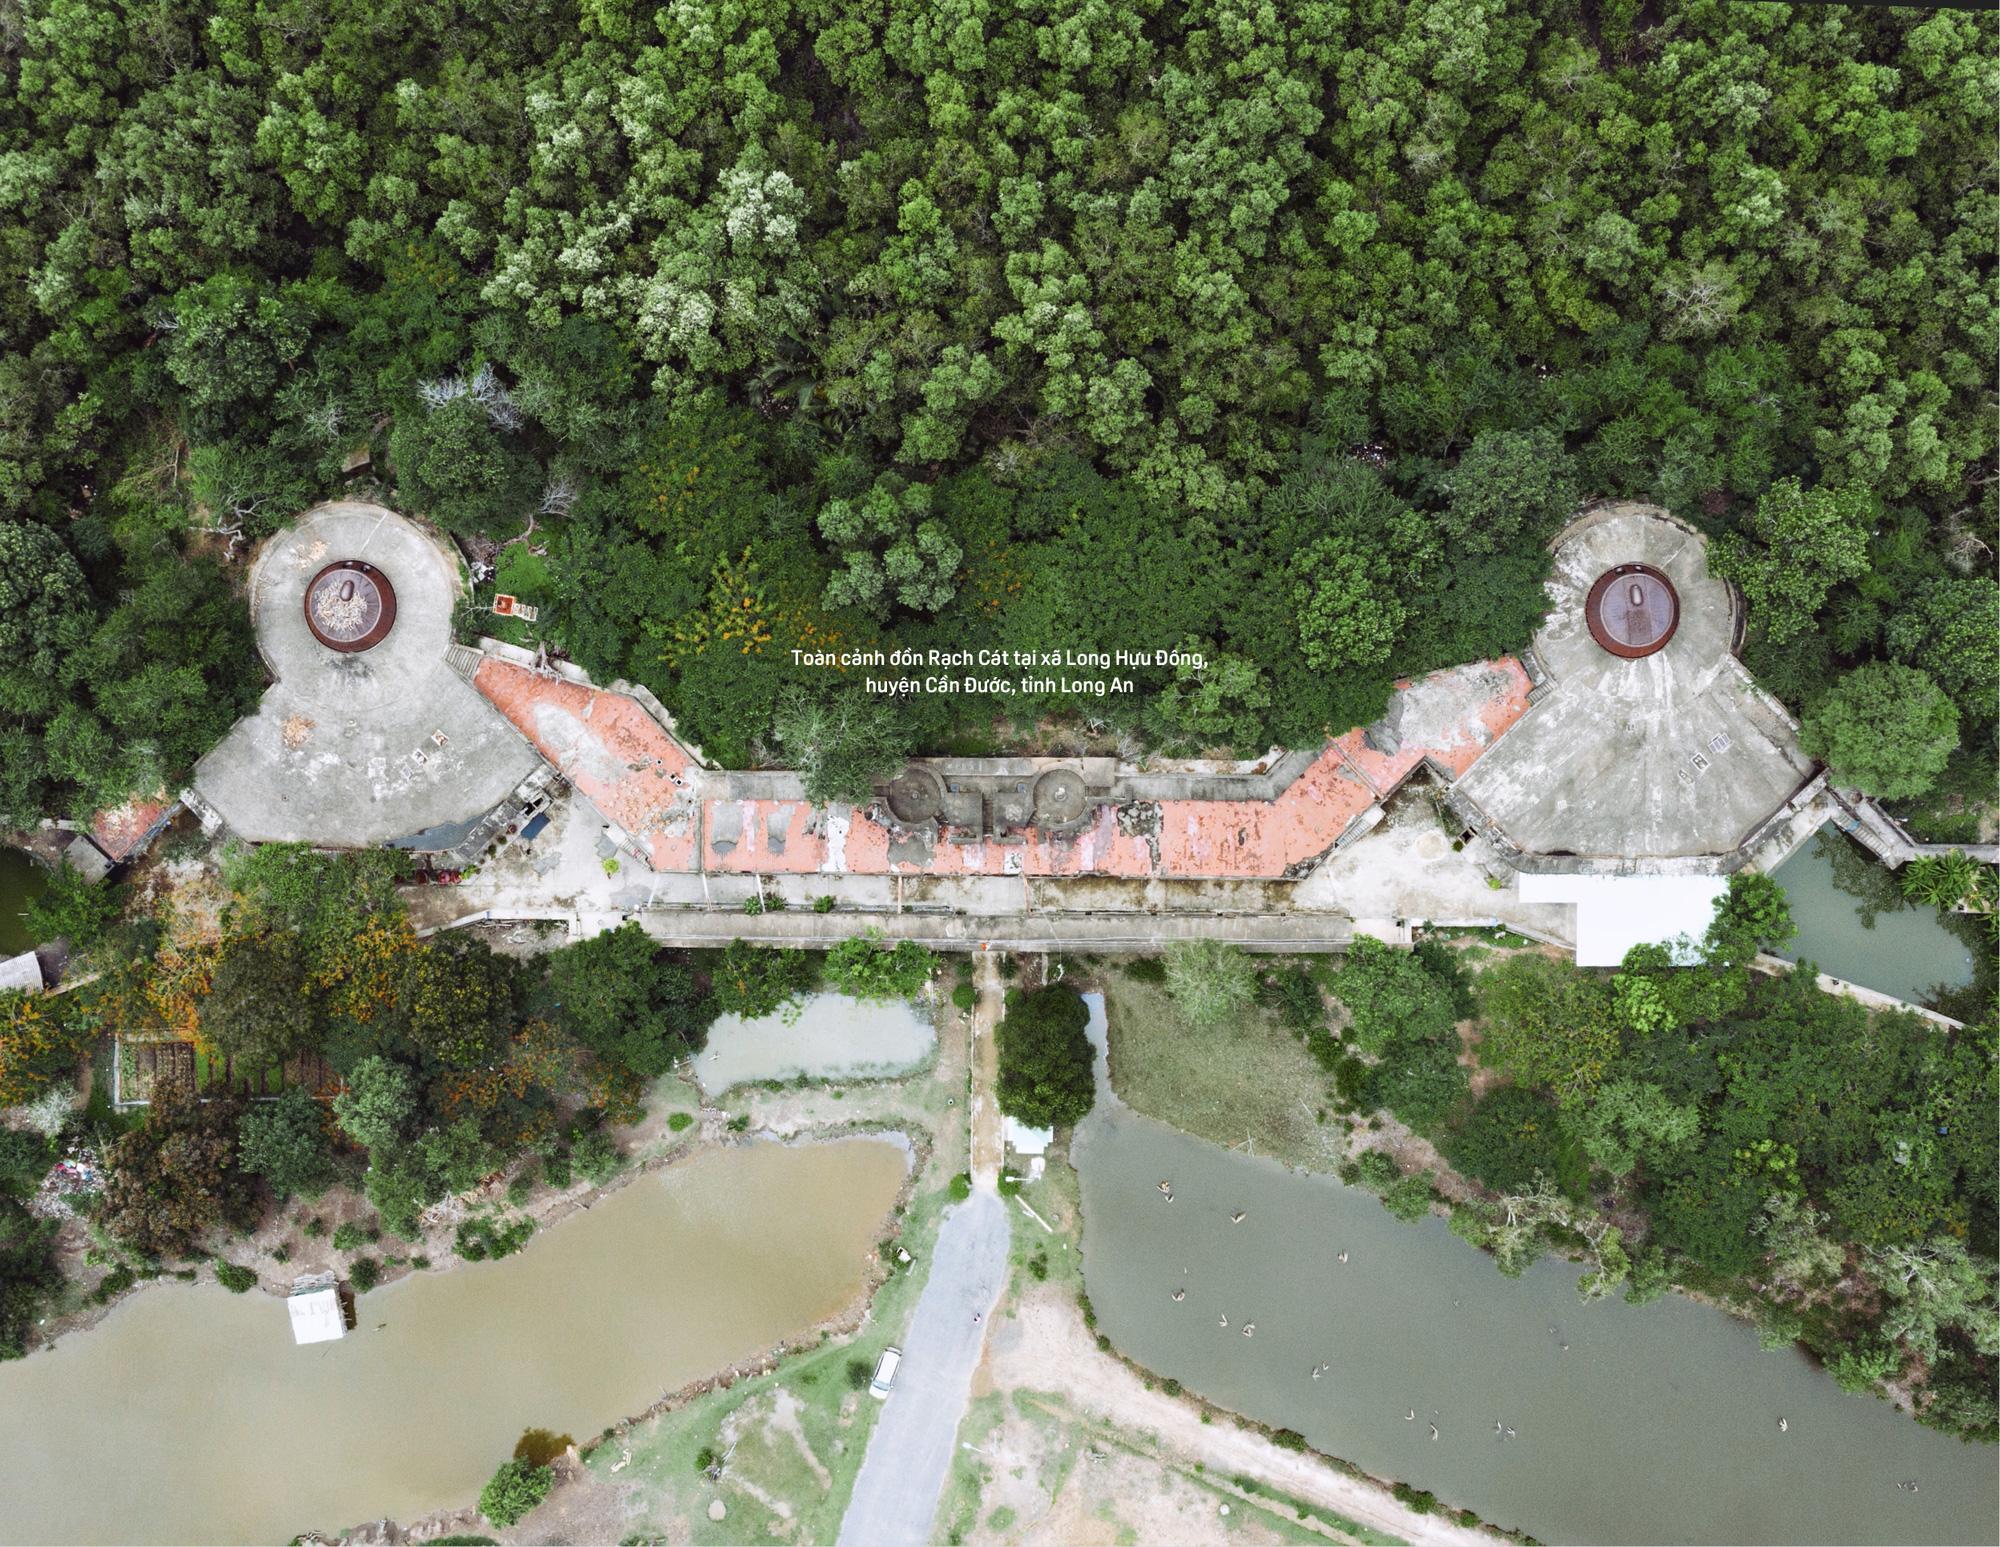 Bên trong Đồn Rạch Cát - pháo đài lớn nhất Đông Dương - Ảnh 4.